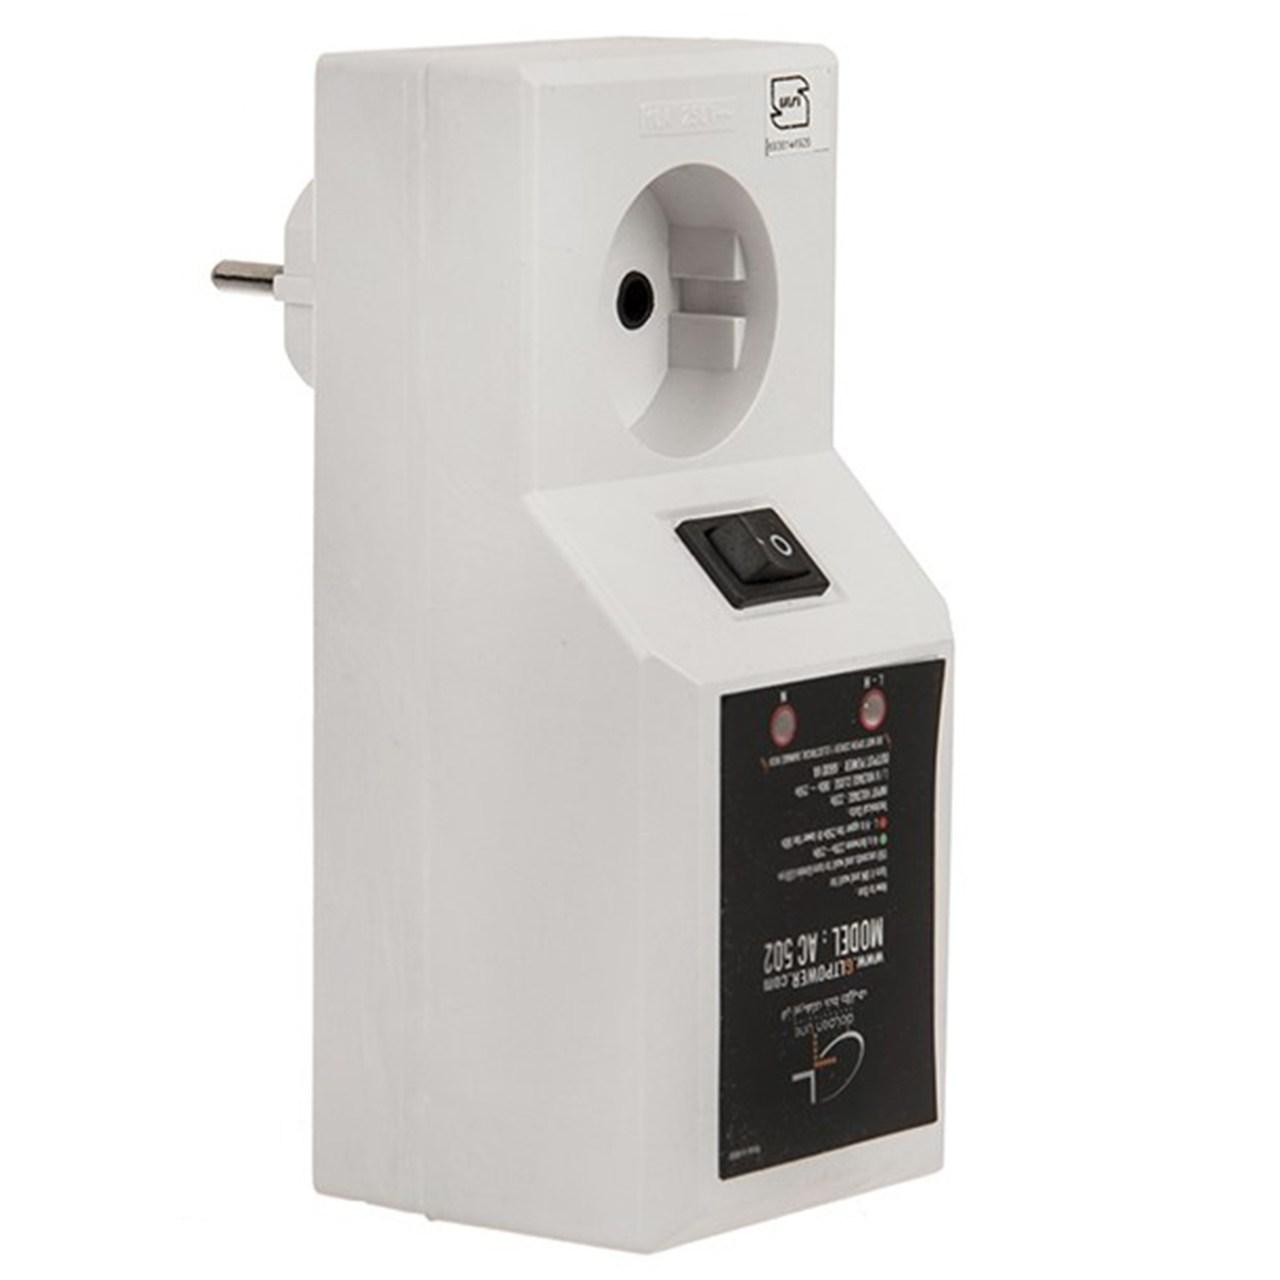 خرید اینترنتی محافظ نوسان برق گلدن لاین مدل AC 502 اورجینال